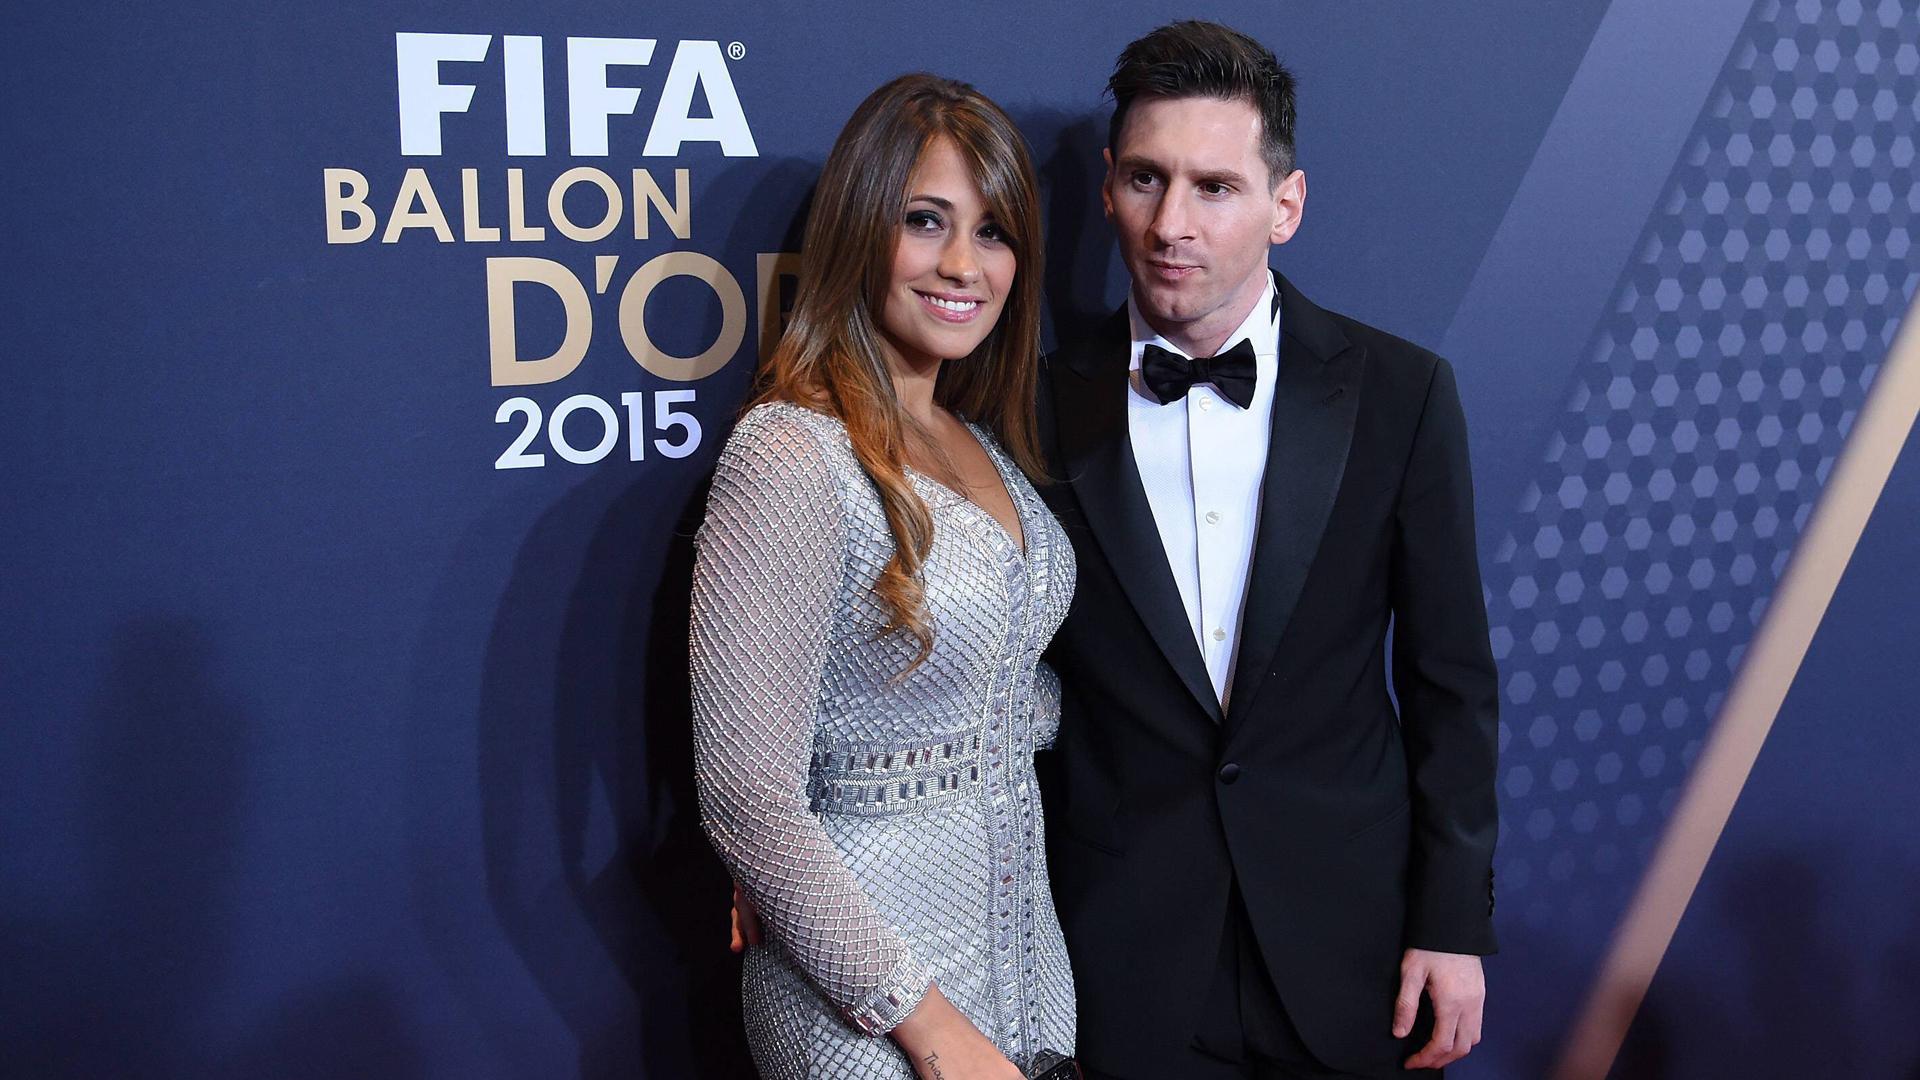 Antonella Roccuzzo siempre acompaña a Lionel Messi a las galas del Balón de Oro en Suiza